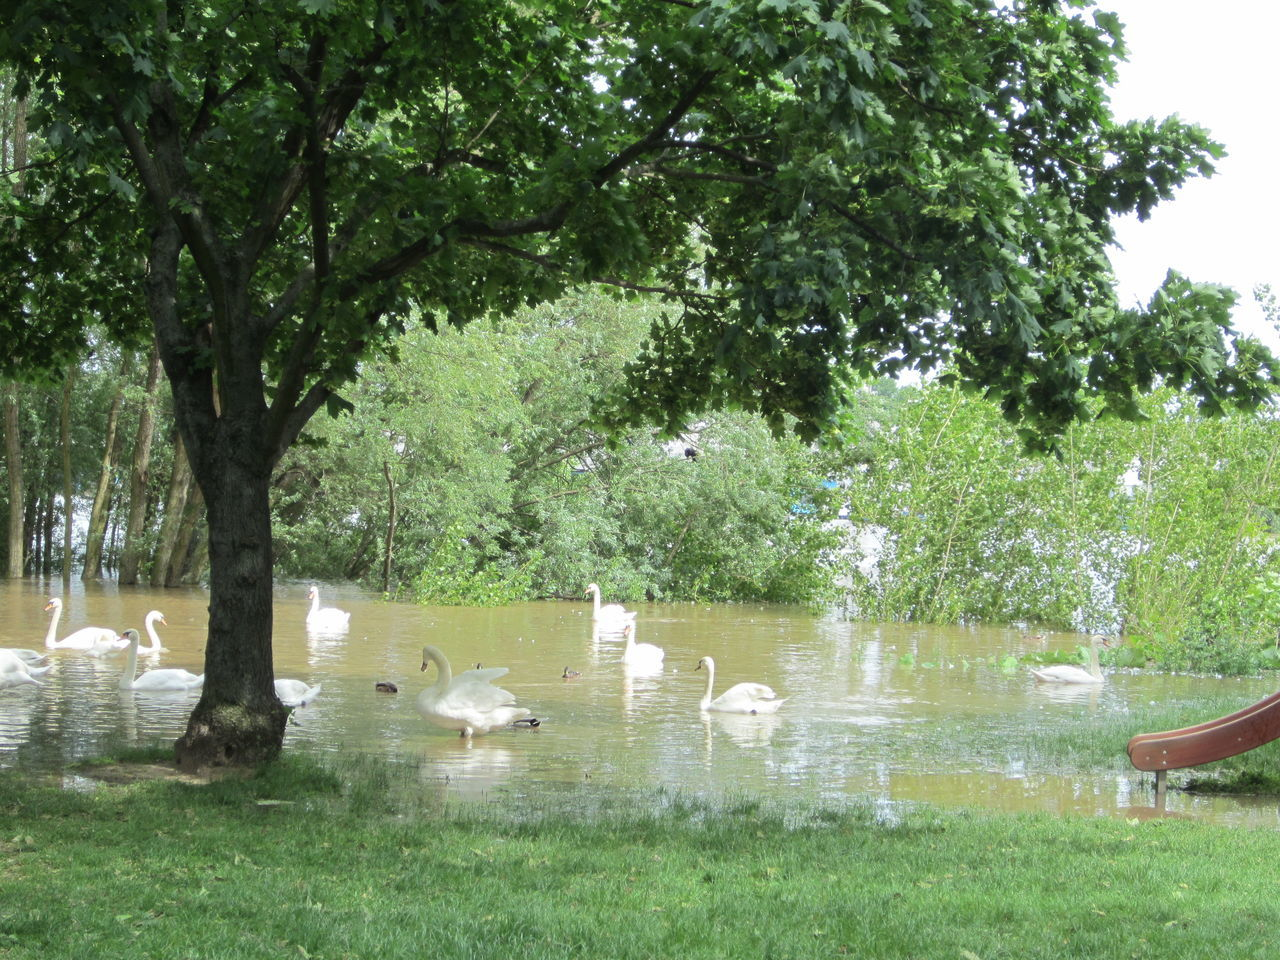 Baum Hochwasser Hochwasser Juni 2013 Main Mainz-Kostheim Schwan  Tree Wasser